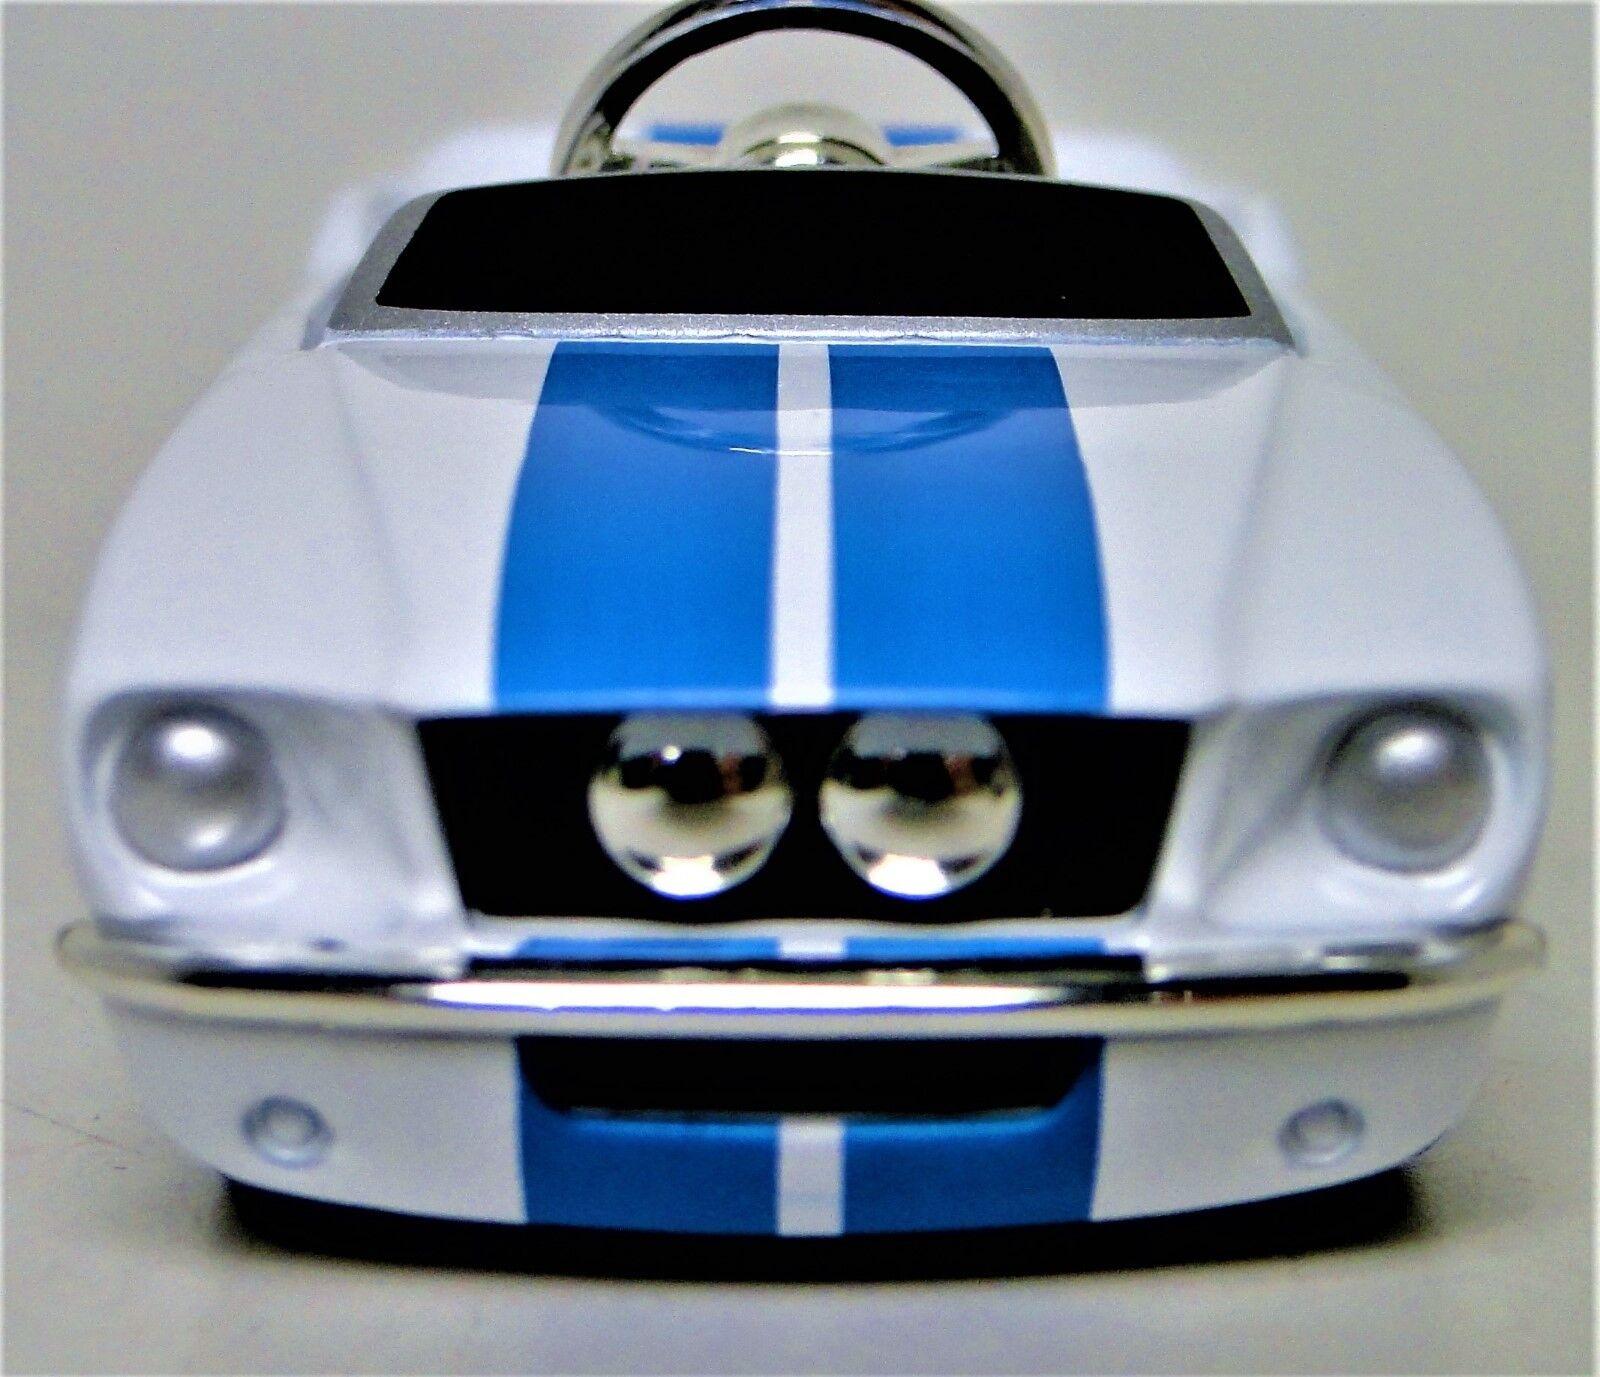 Ford Pedal bil Mustang 1960 -talet årgång blå Strip Metal modellllerler Length  3.25 tum